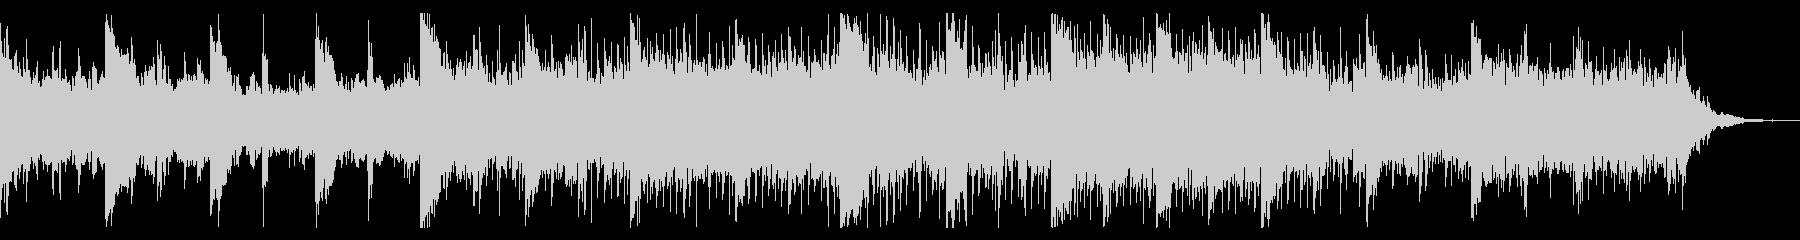 ダークでねじ曲がったテクスチャの未再生の波形